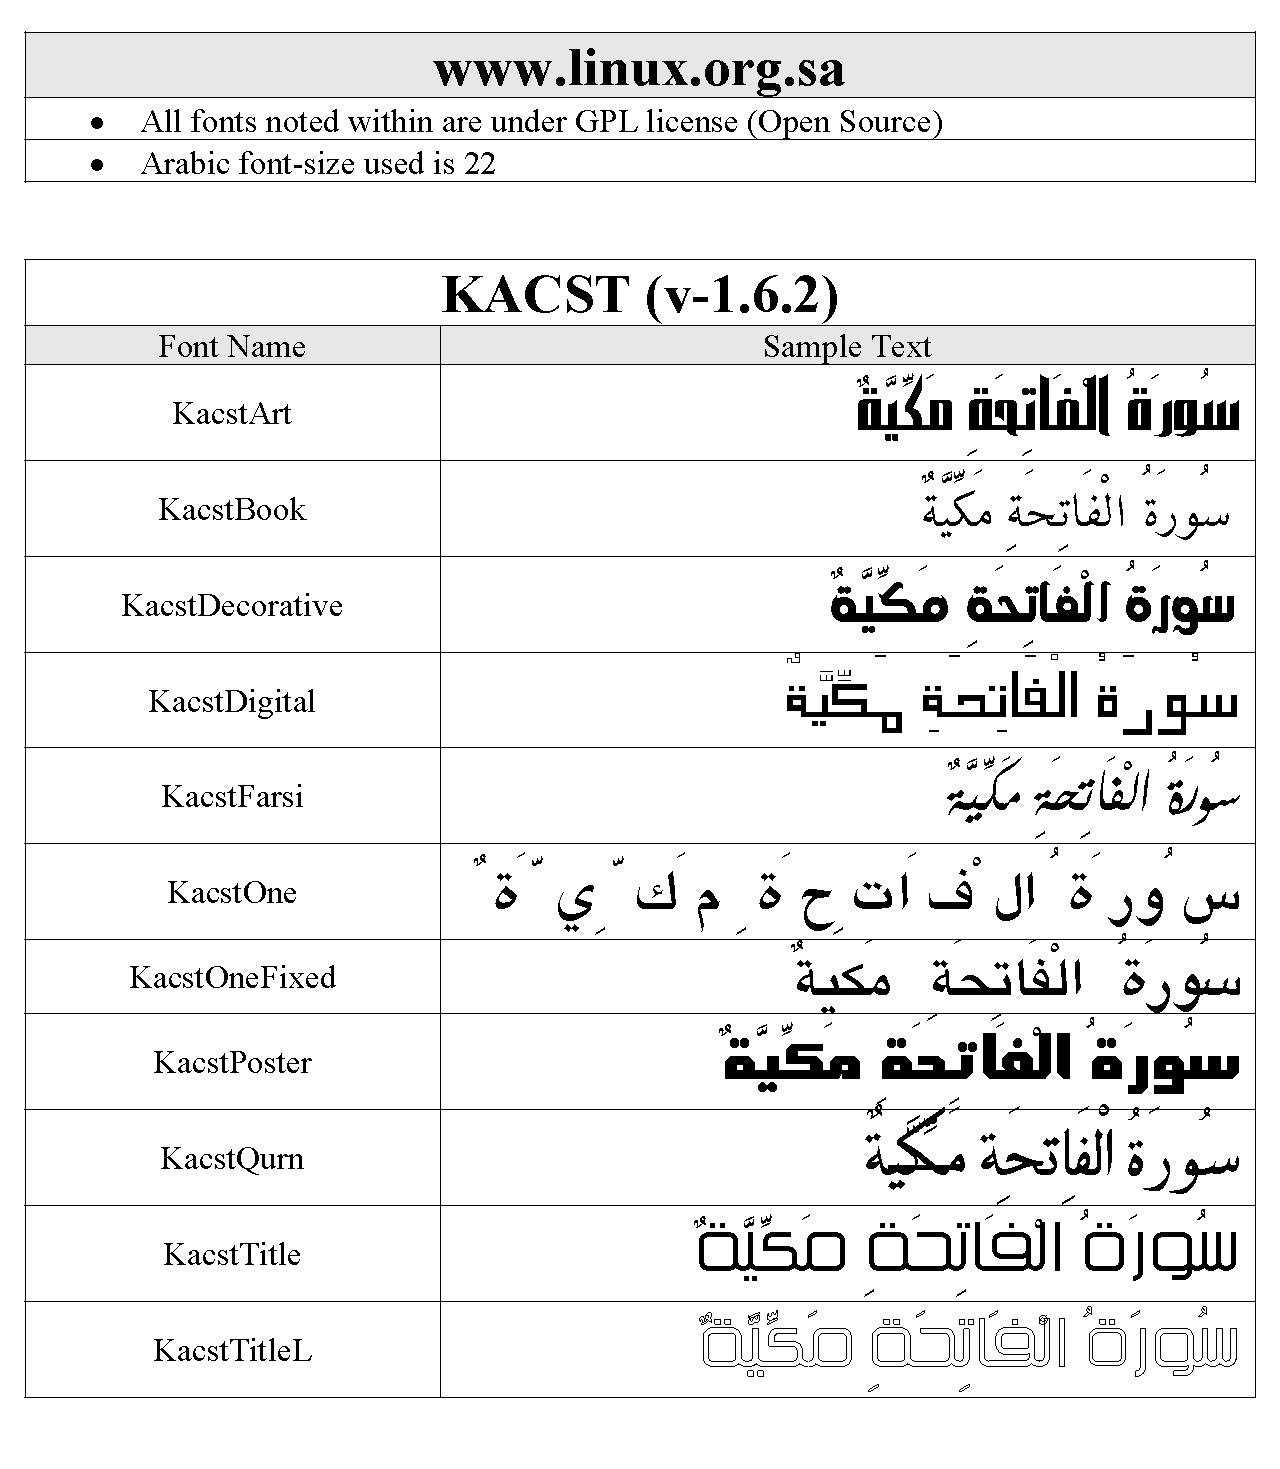 KACST fonts